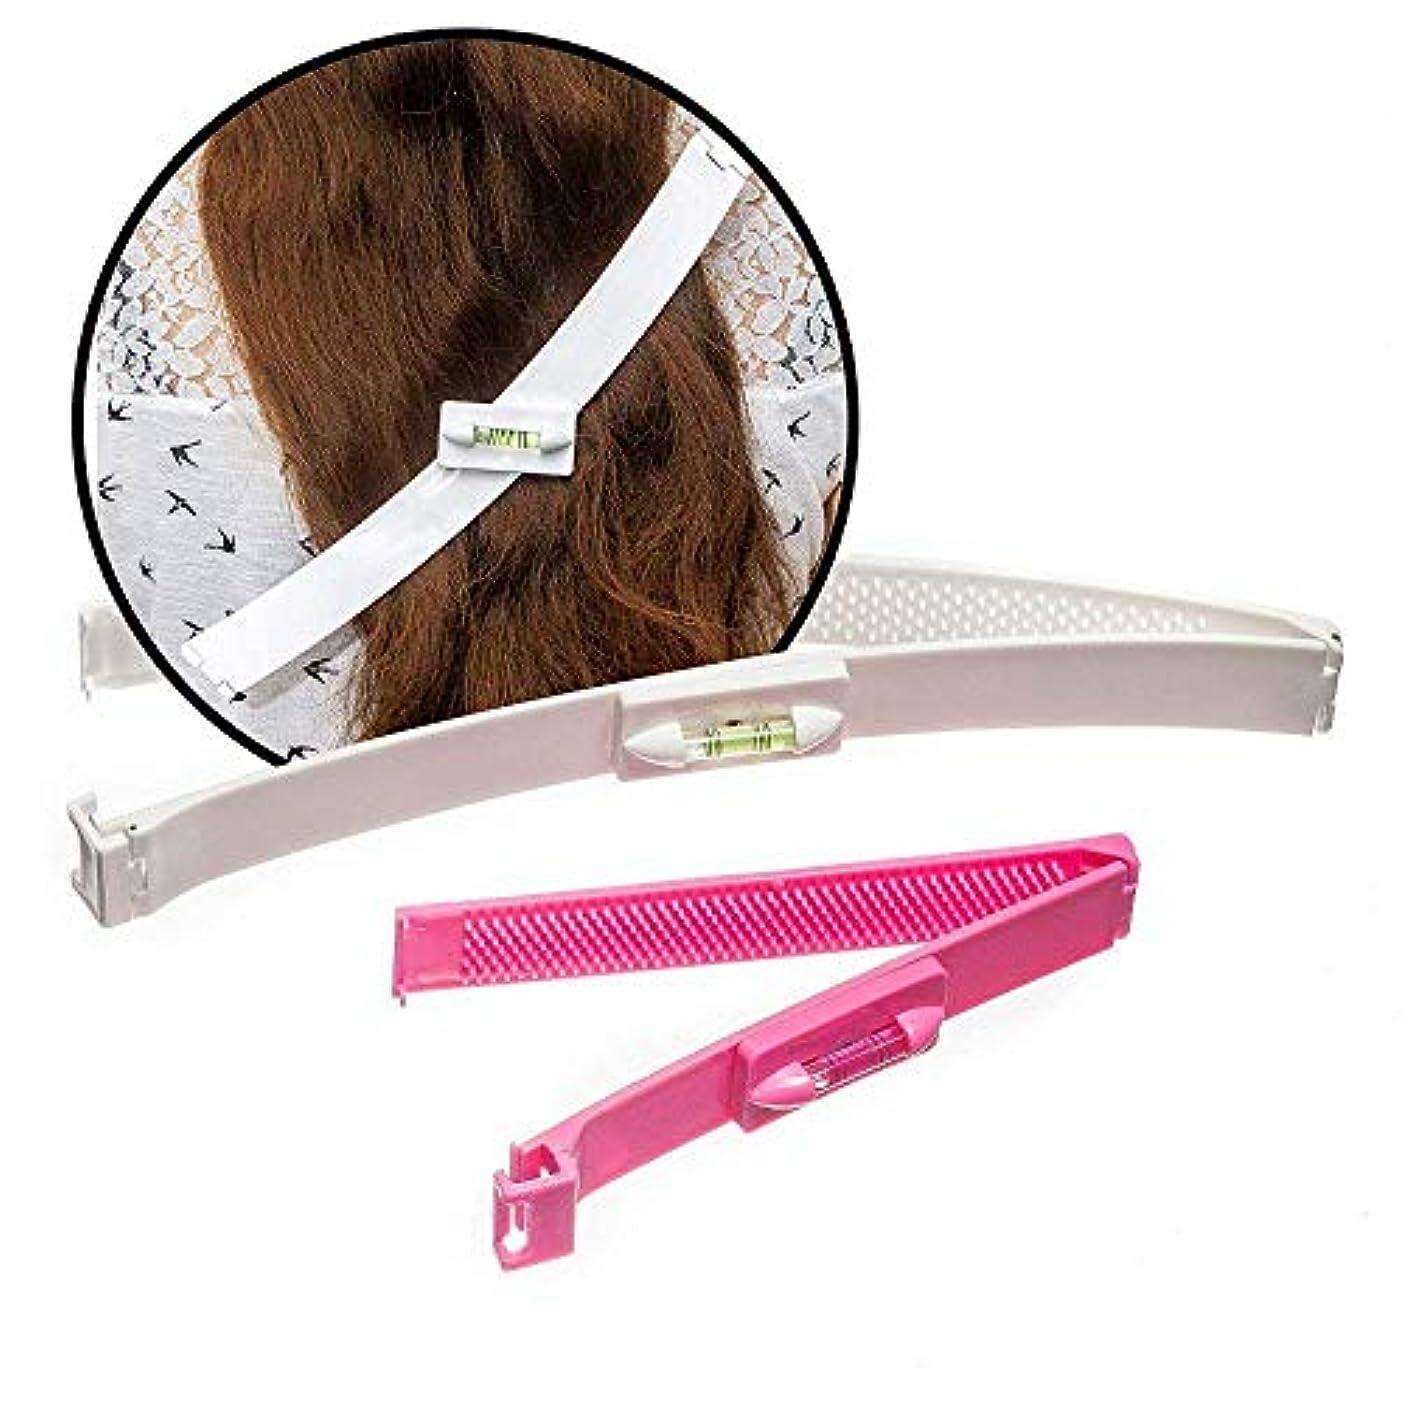 把握やめるフレームワークPichidr-JP 前髪カットクリップ日常生活DIYの前髪カット女性/女の子のための櫛カット